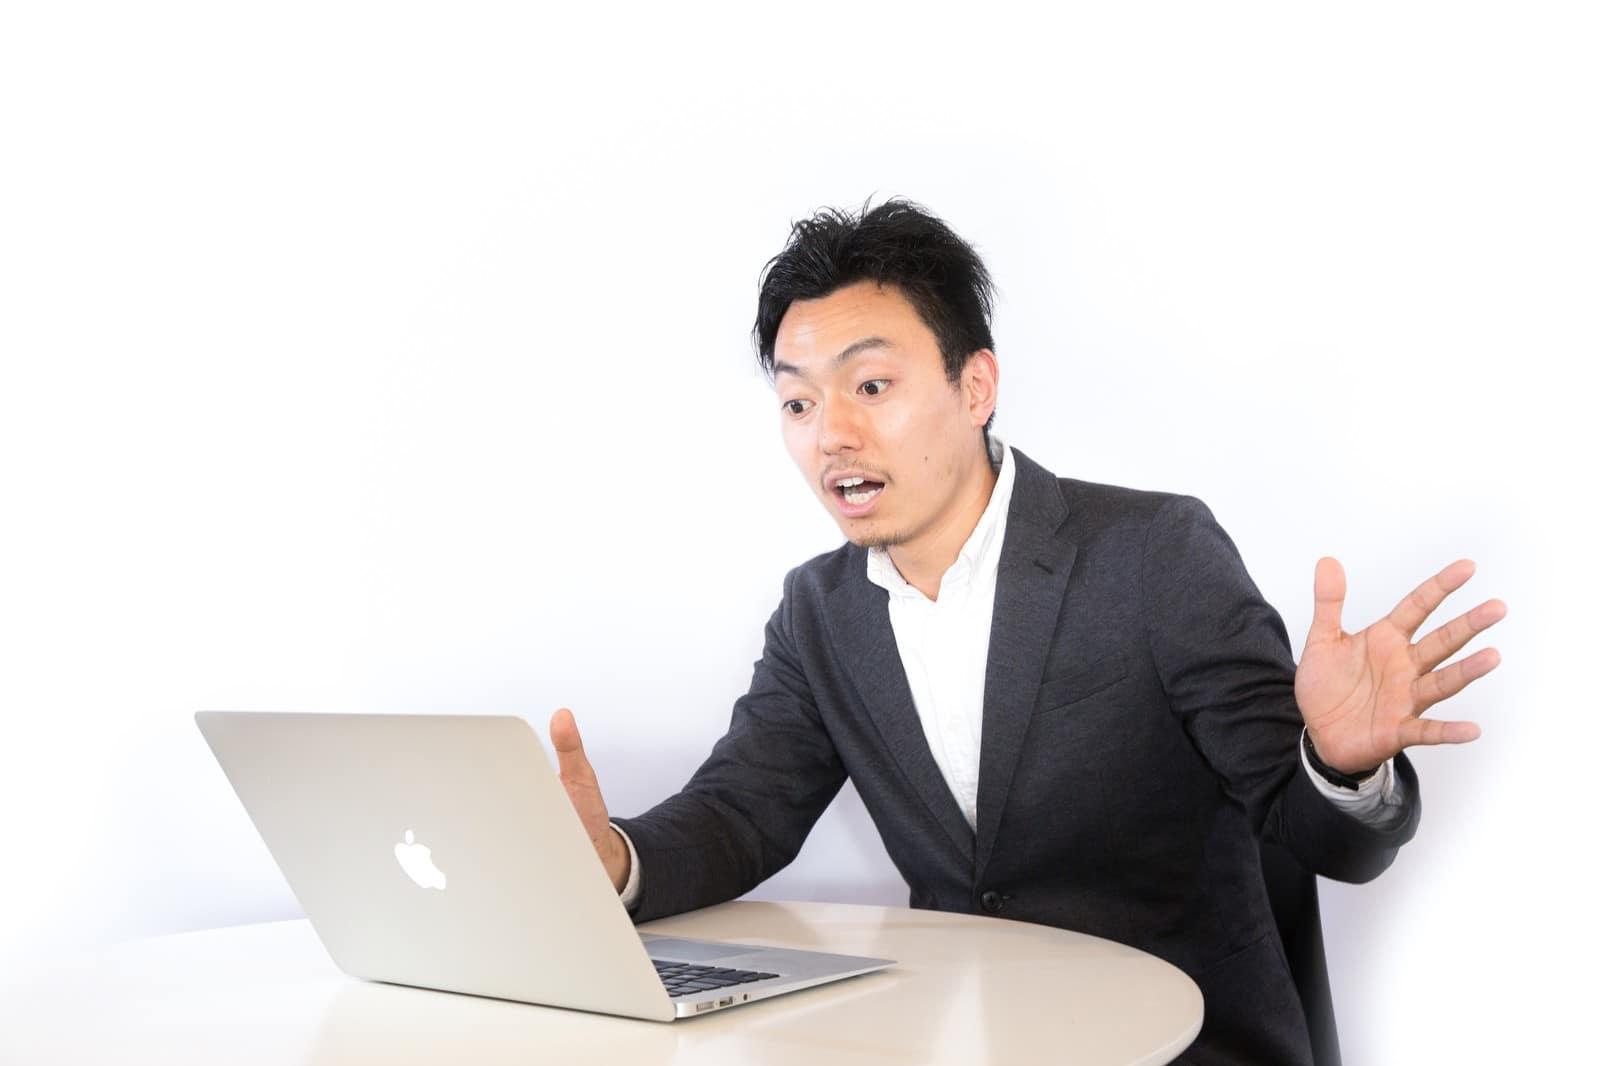 神奈川 結婚相談所 選び